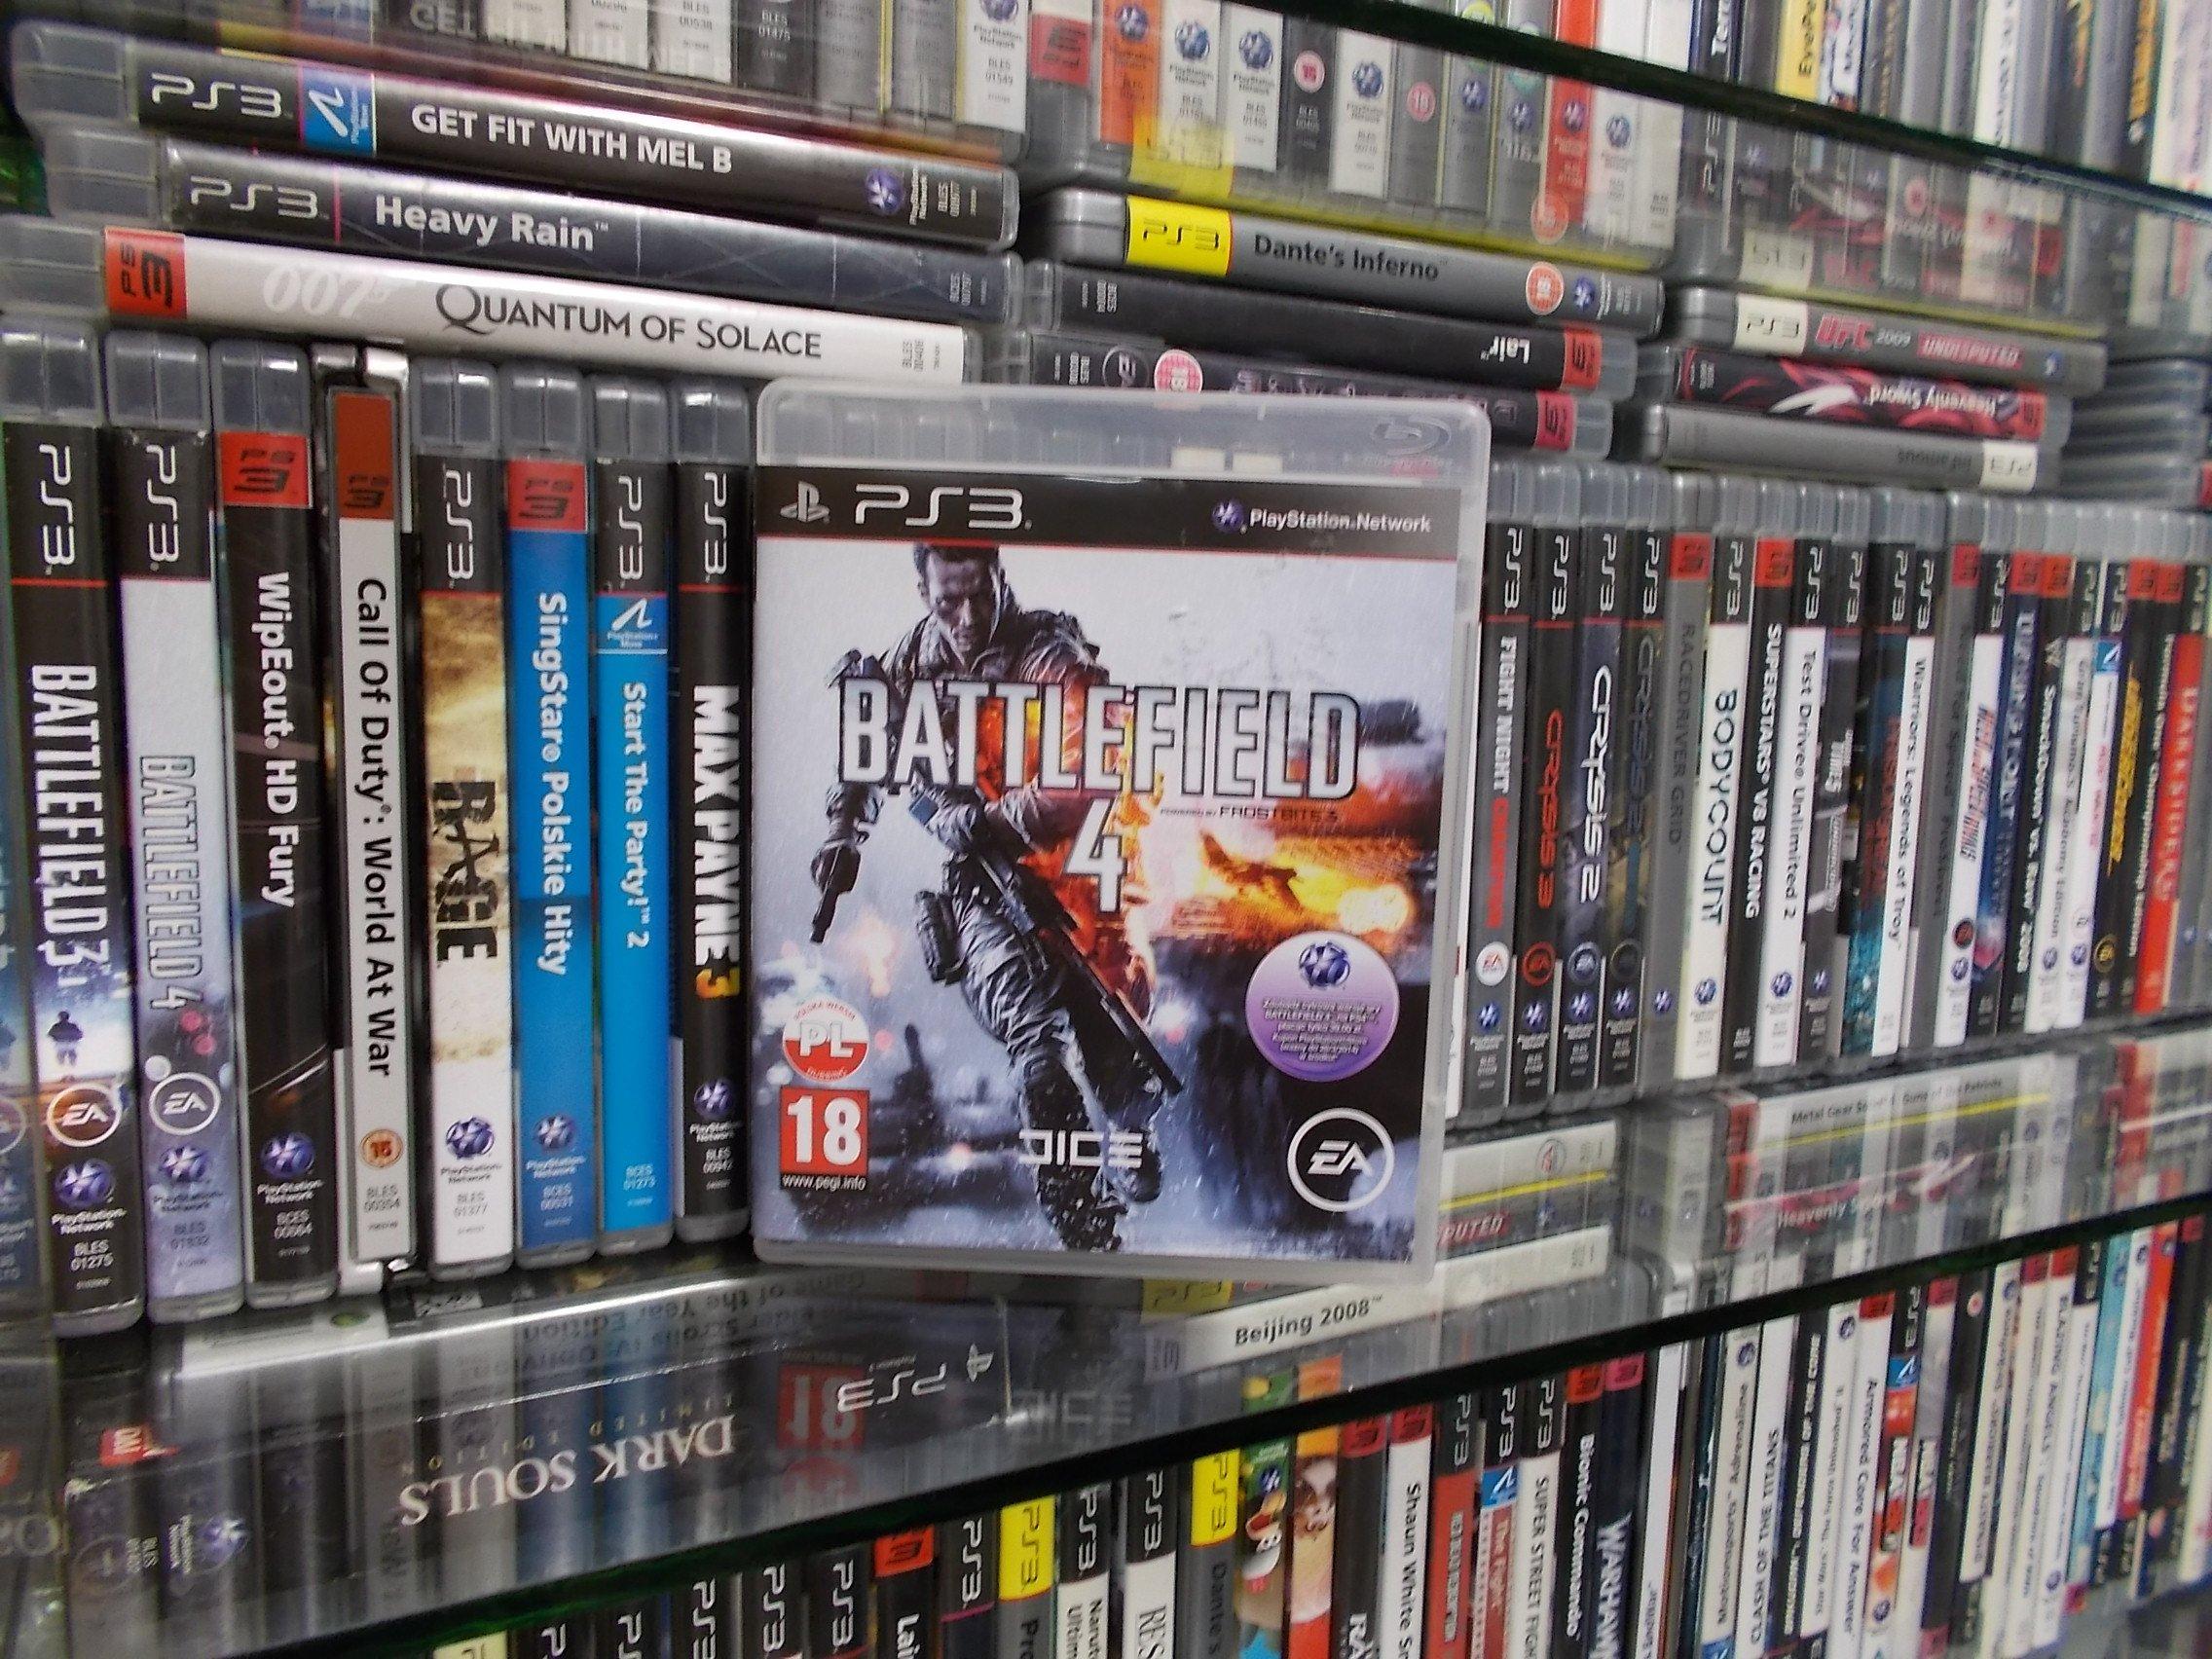 Battlefield 4 PL - GRA PS3 Opole 0195